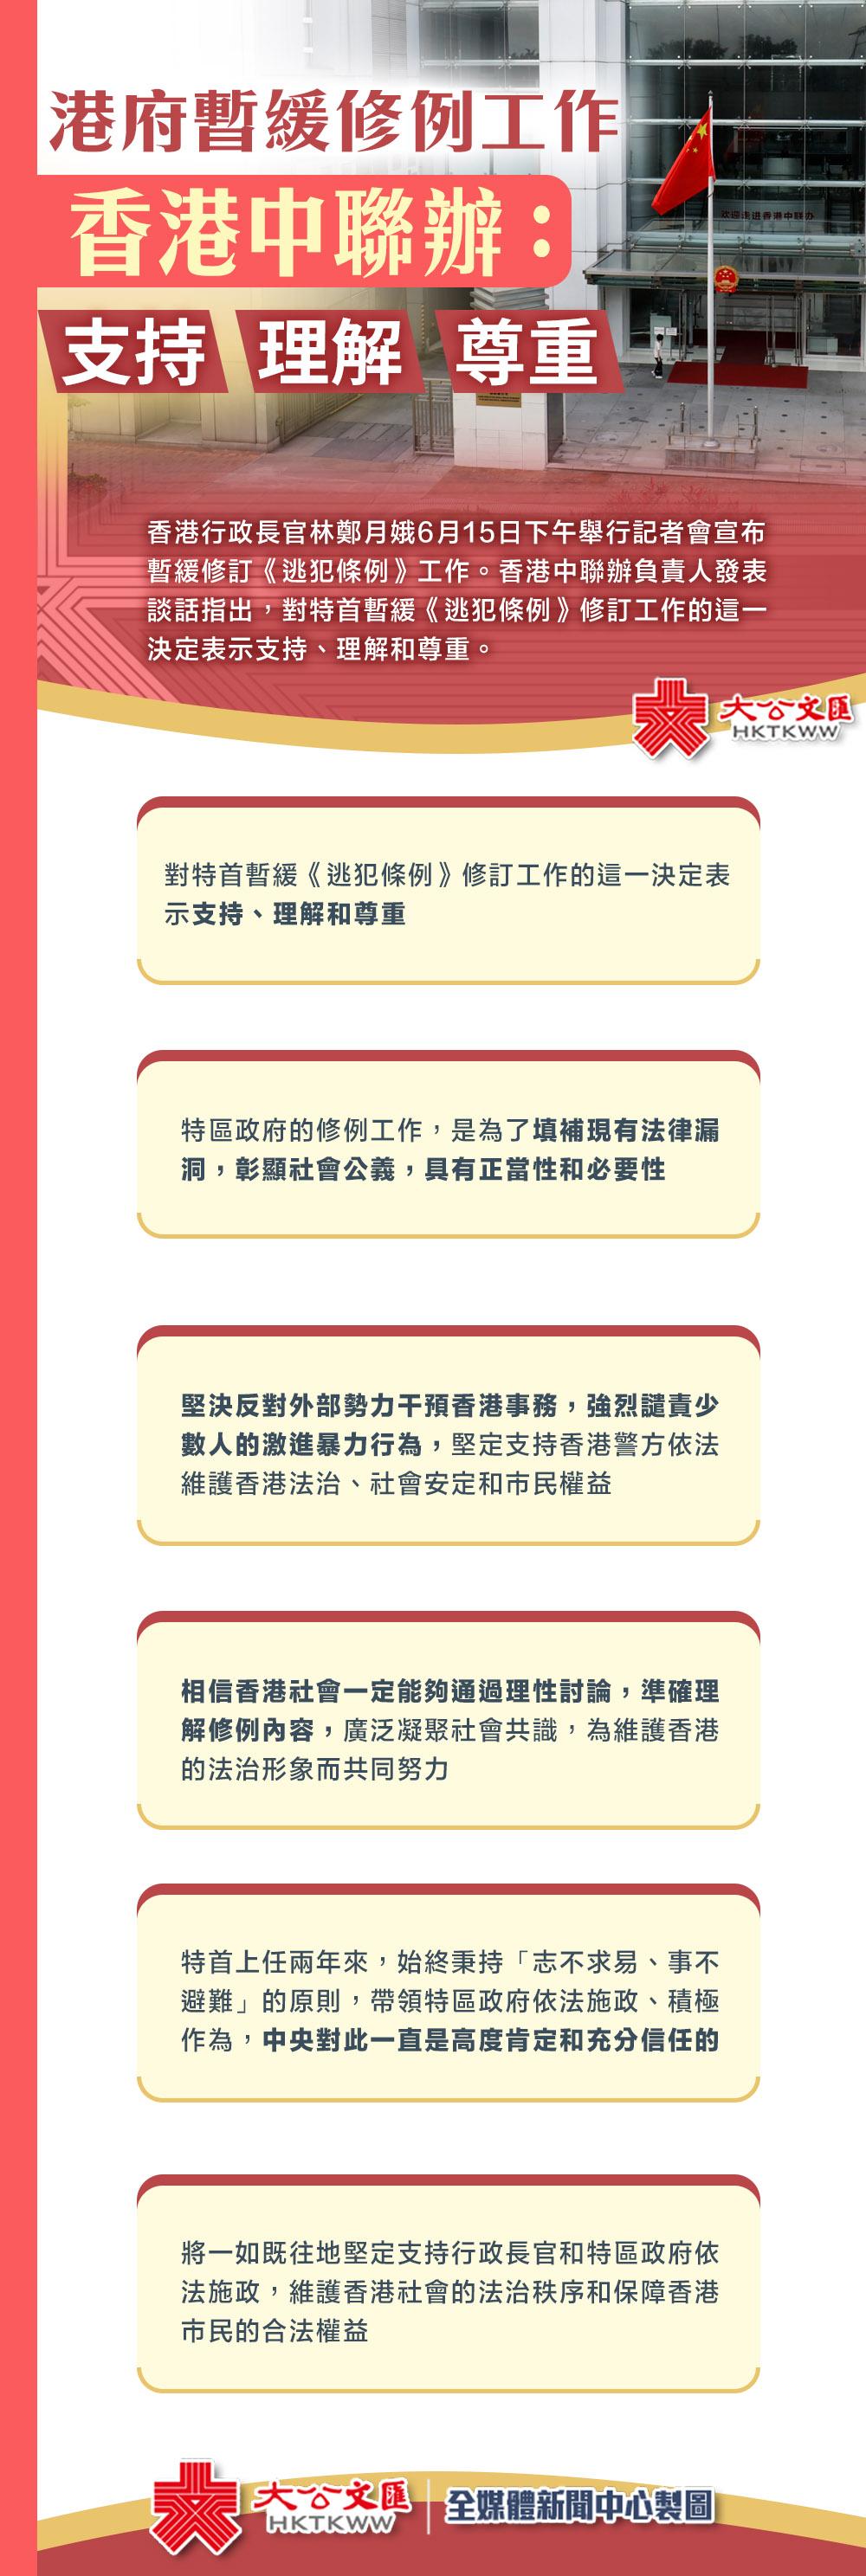 港府暫緩修例工作 香港中聯辦:支持 理解 尊重